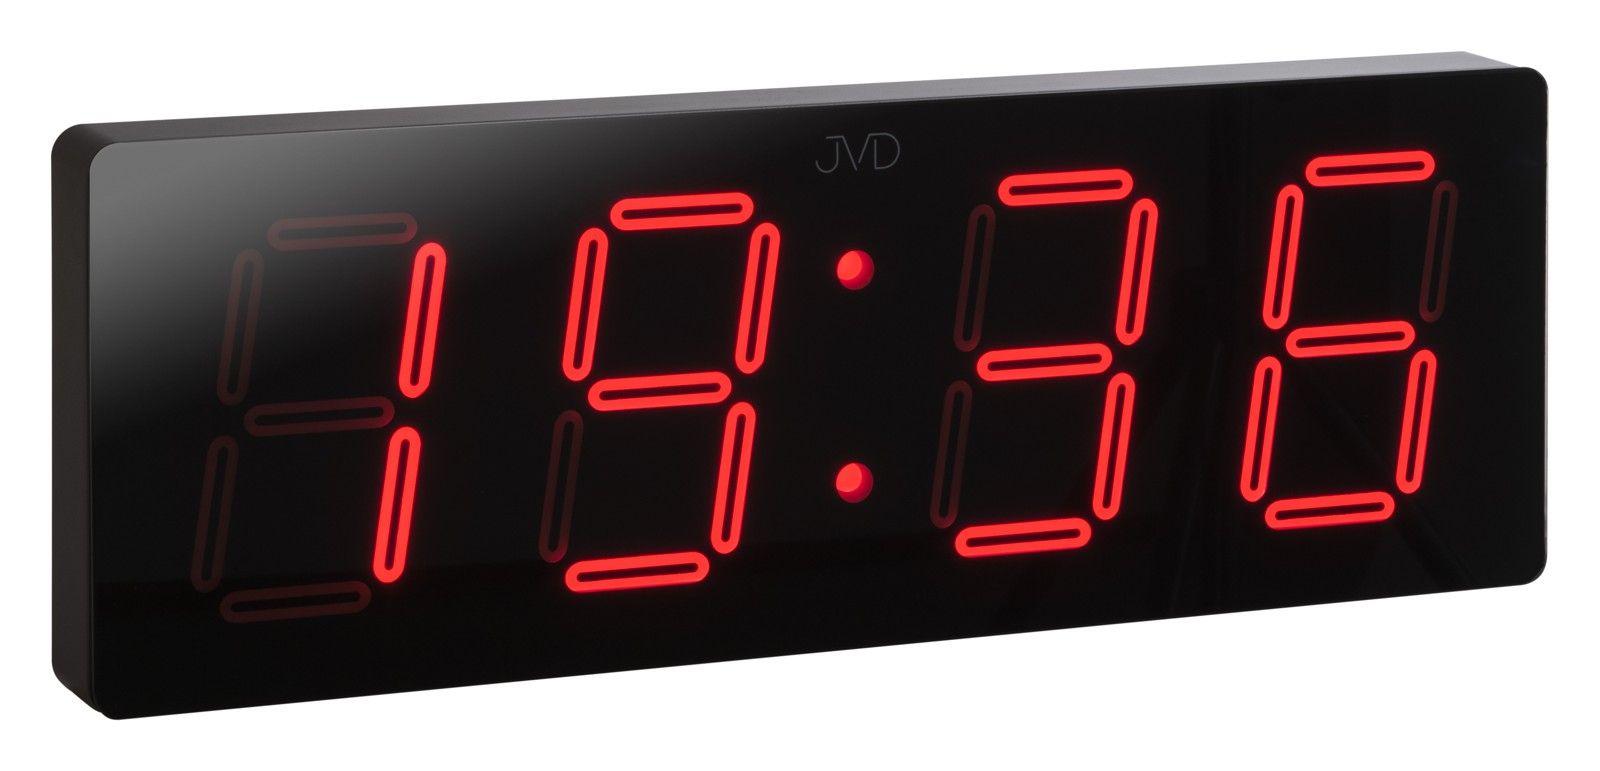 Velké svítící digitální moderní hodiny JVD DH1.1 s červenými číslicemi (POŠTOVNÉ ZDARMA!!)